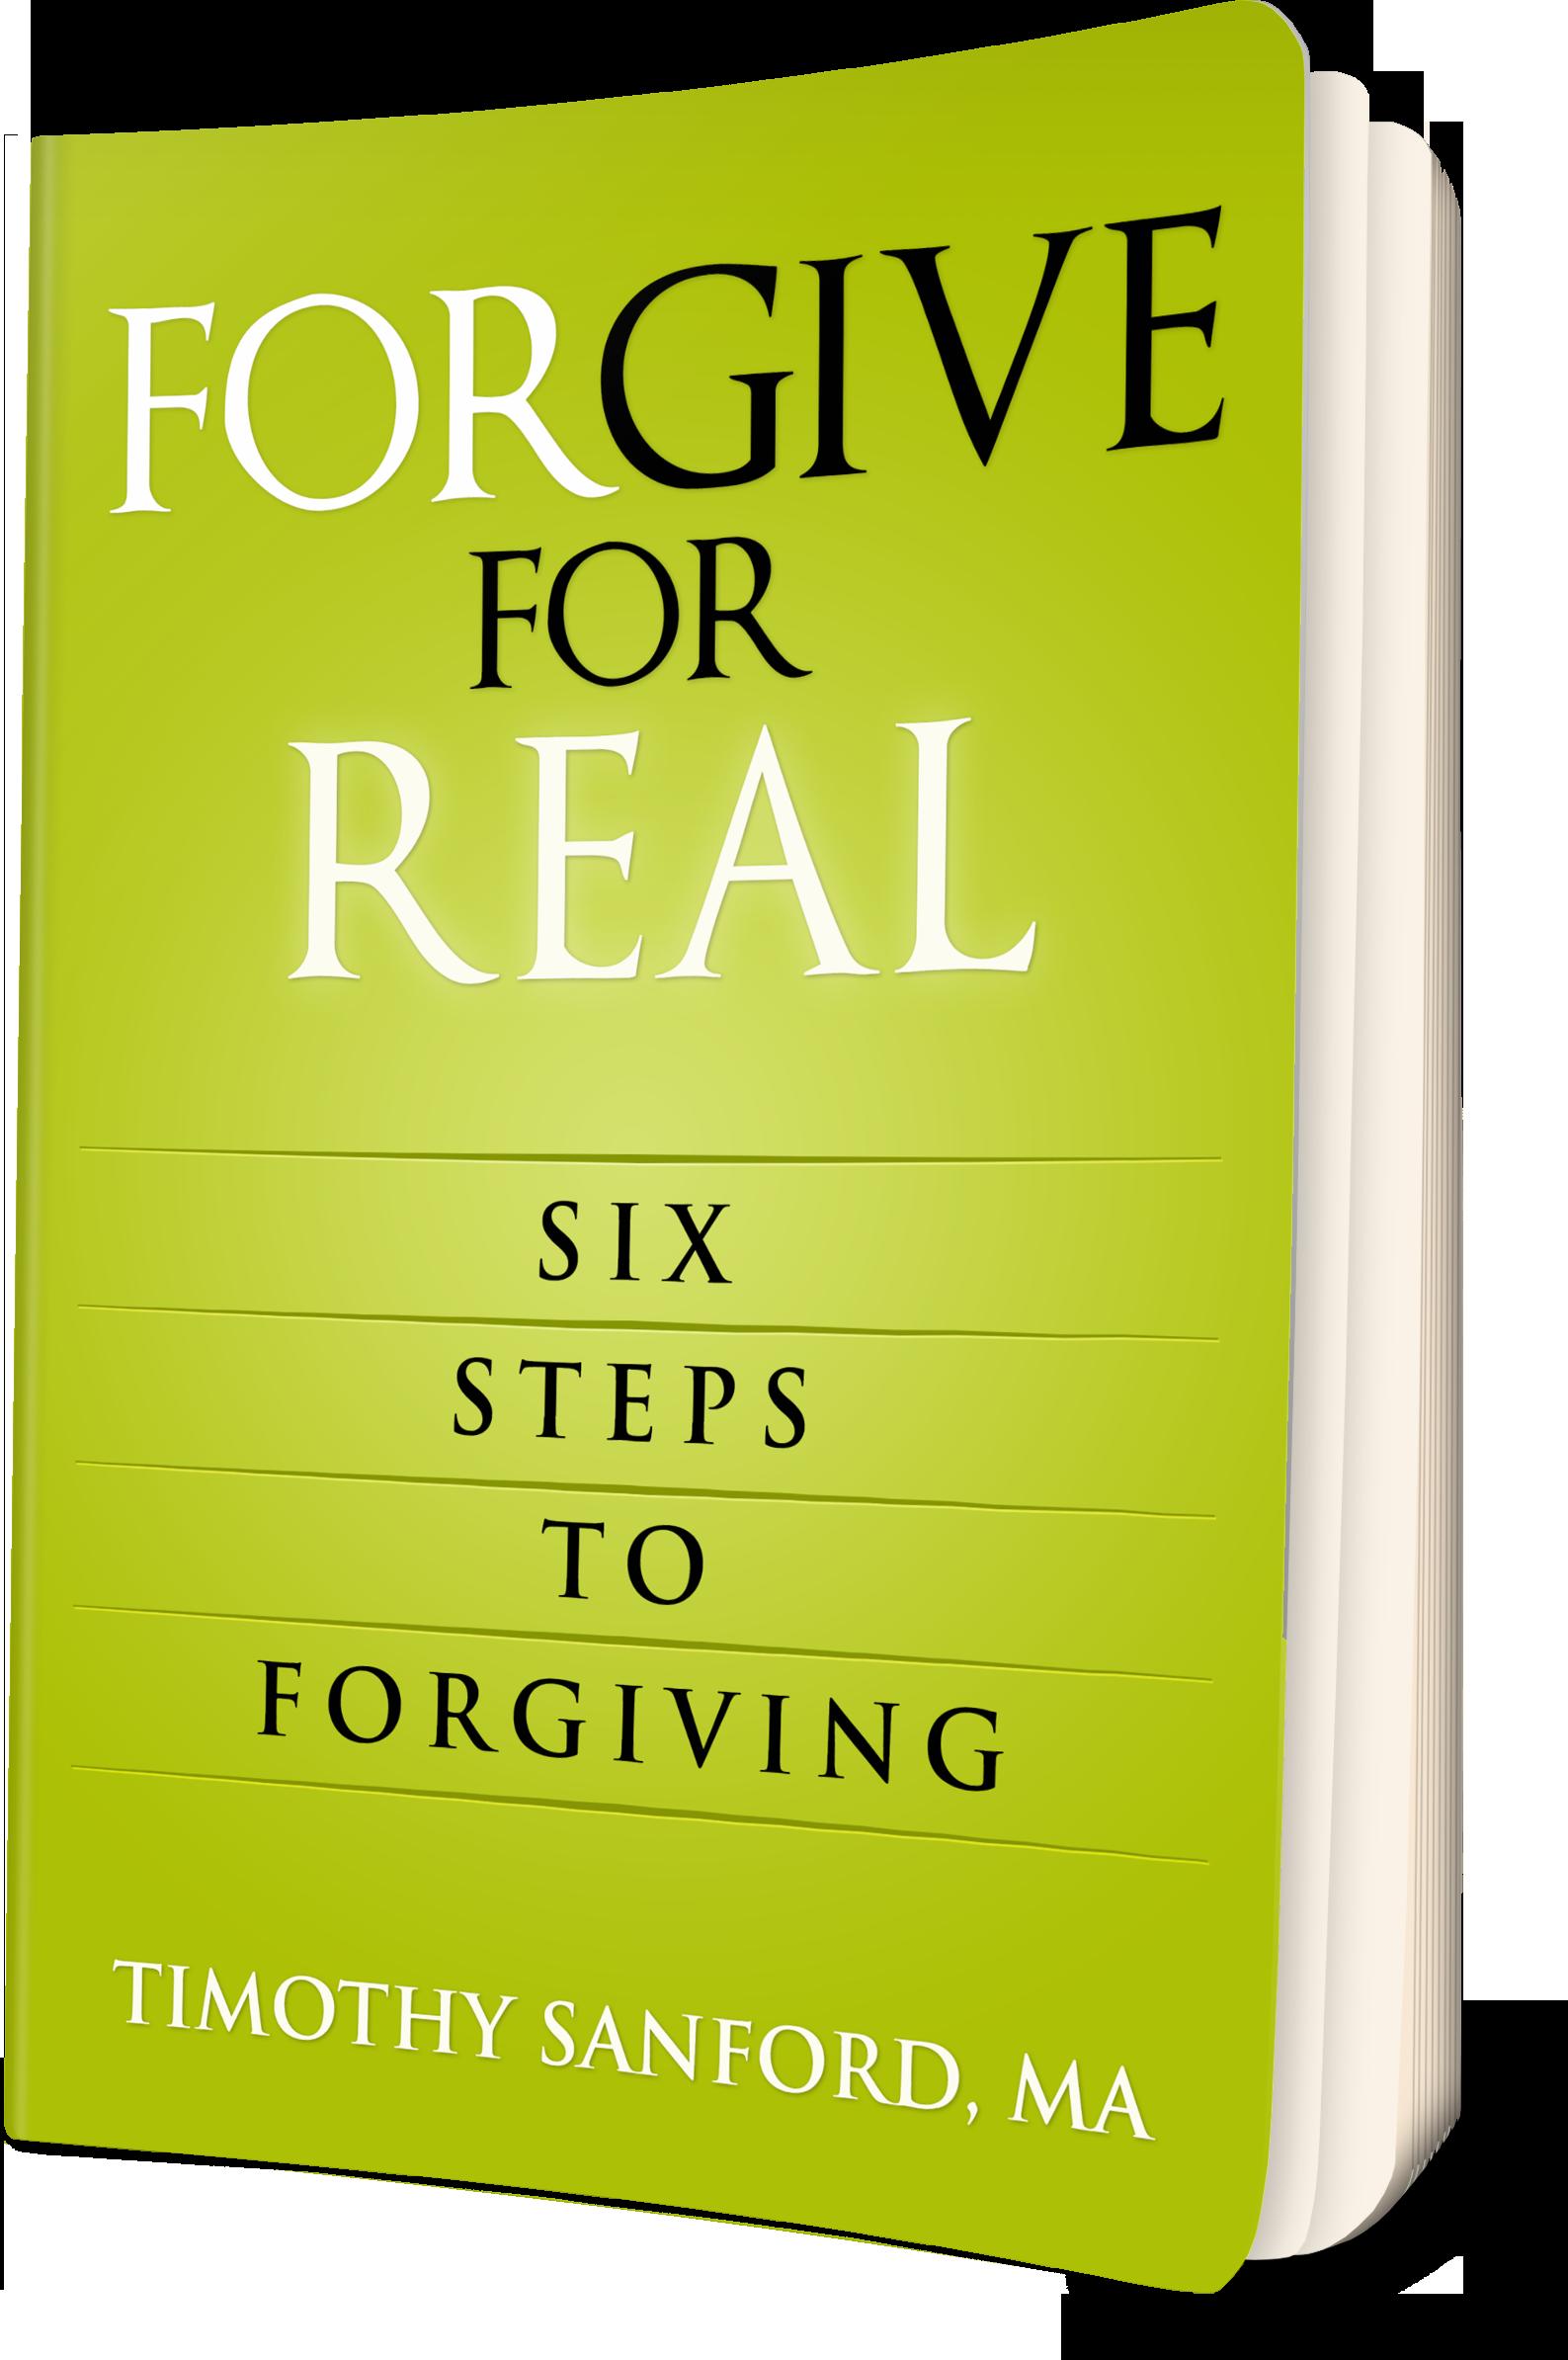 ForgiveForRealBookCover